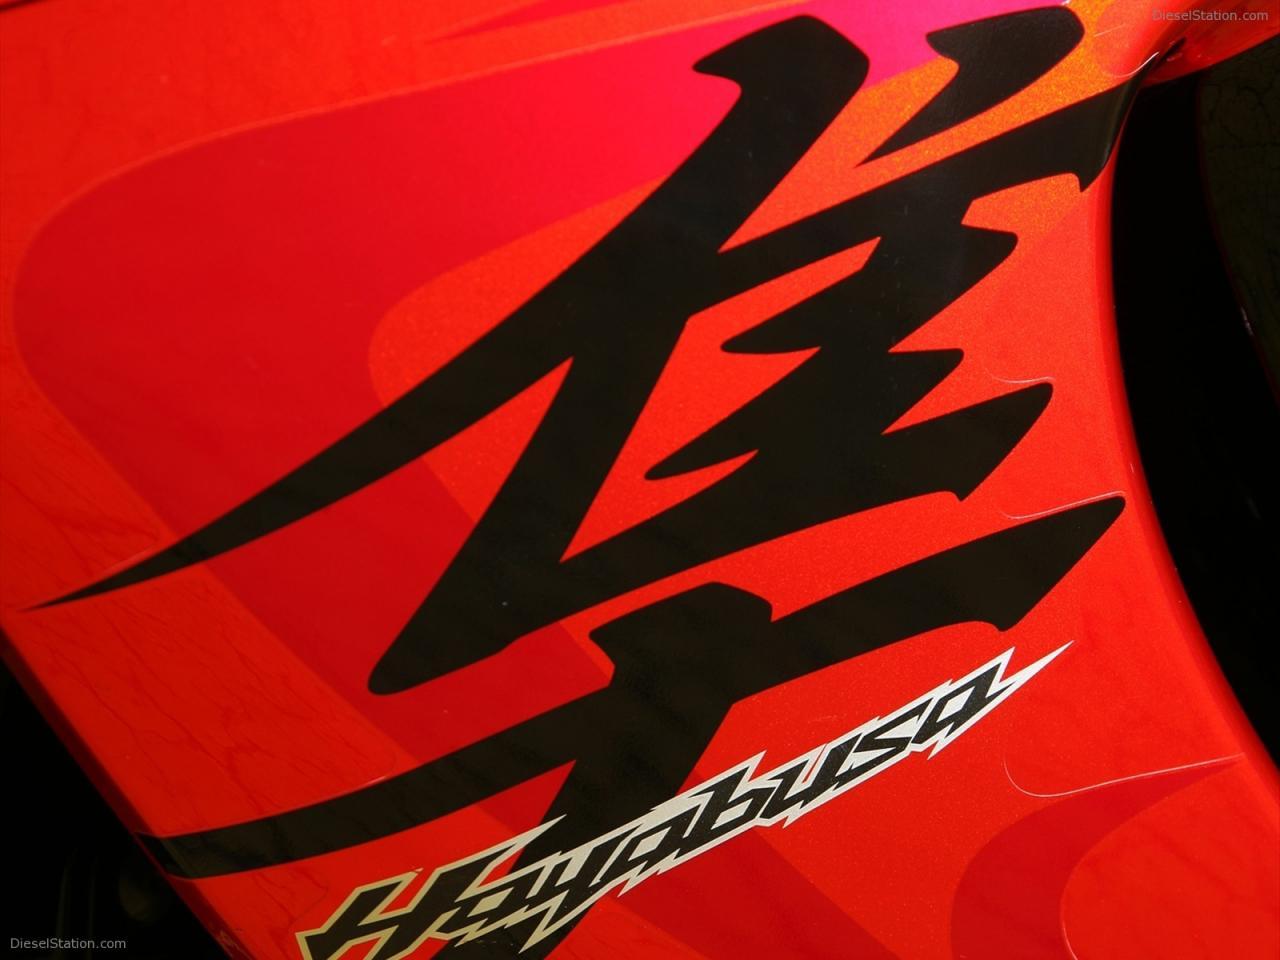 Suzuki-Hayabusa-turns-10-02_convert_20150805224635.jpg